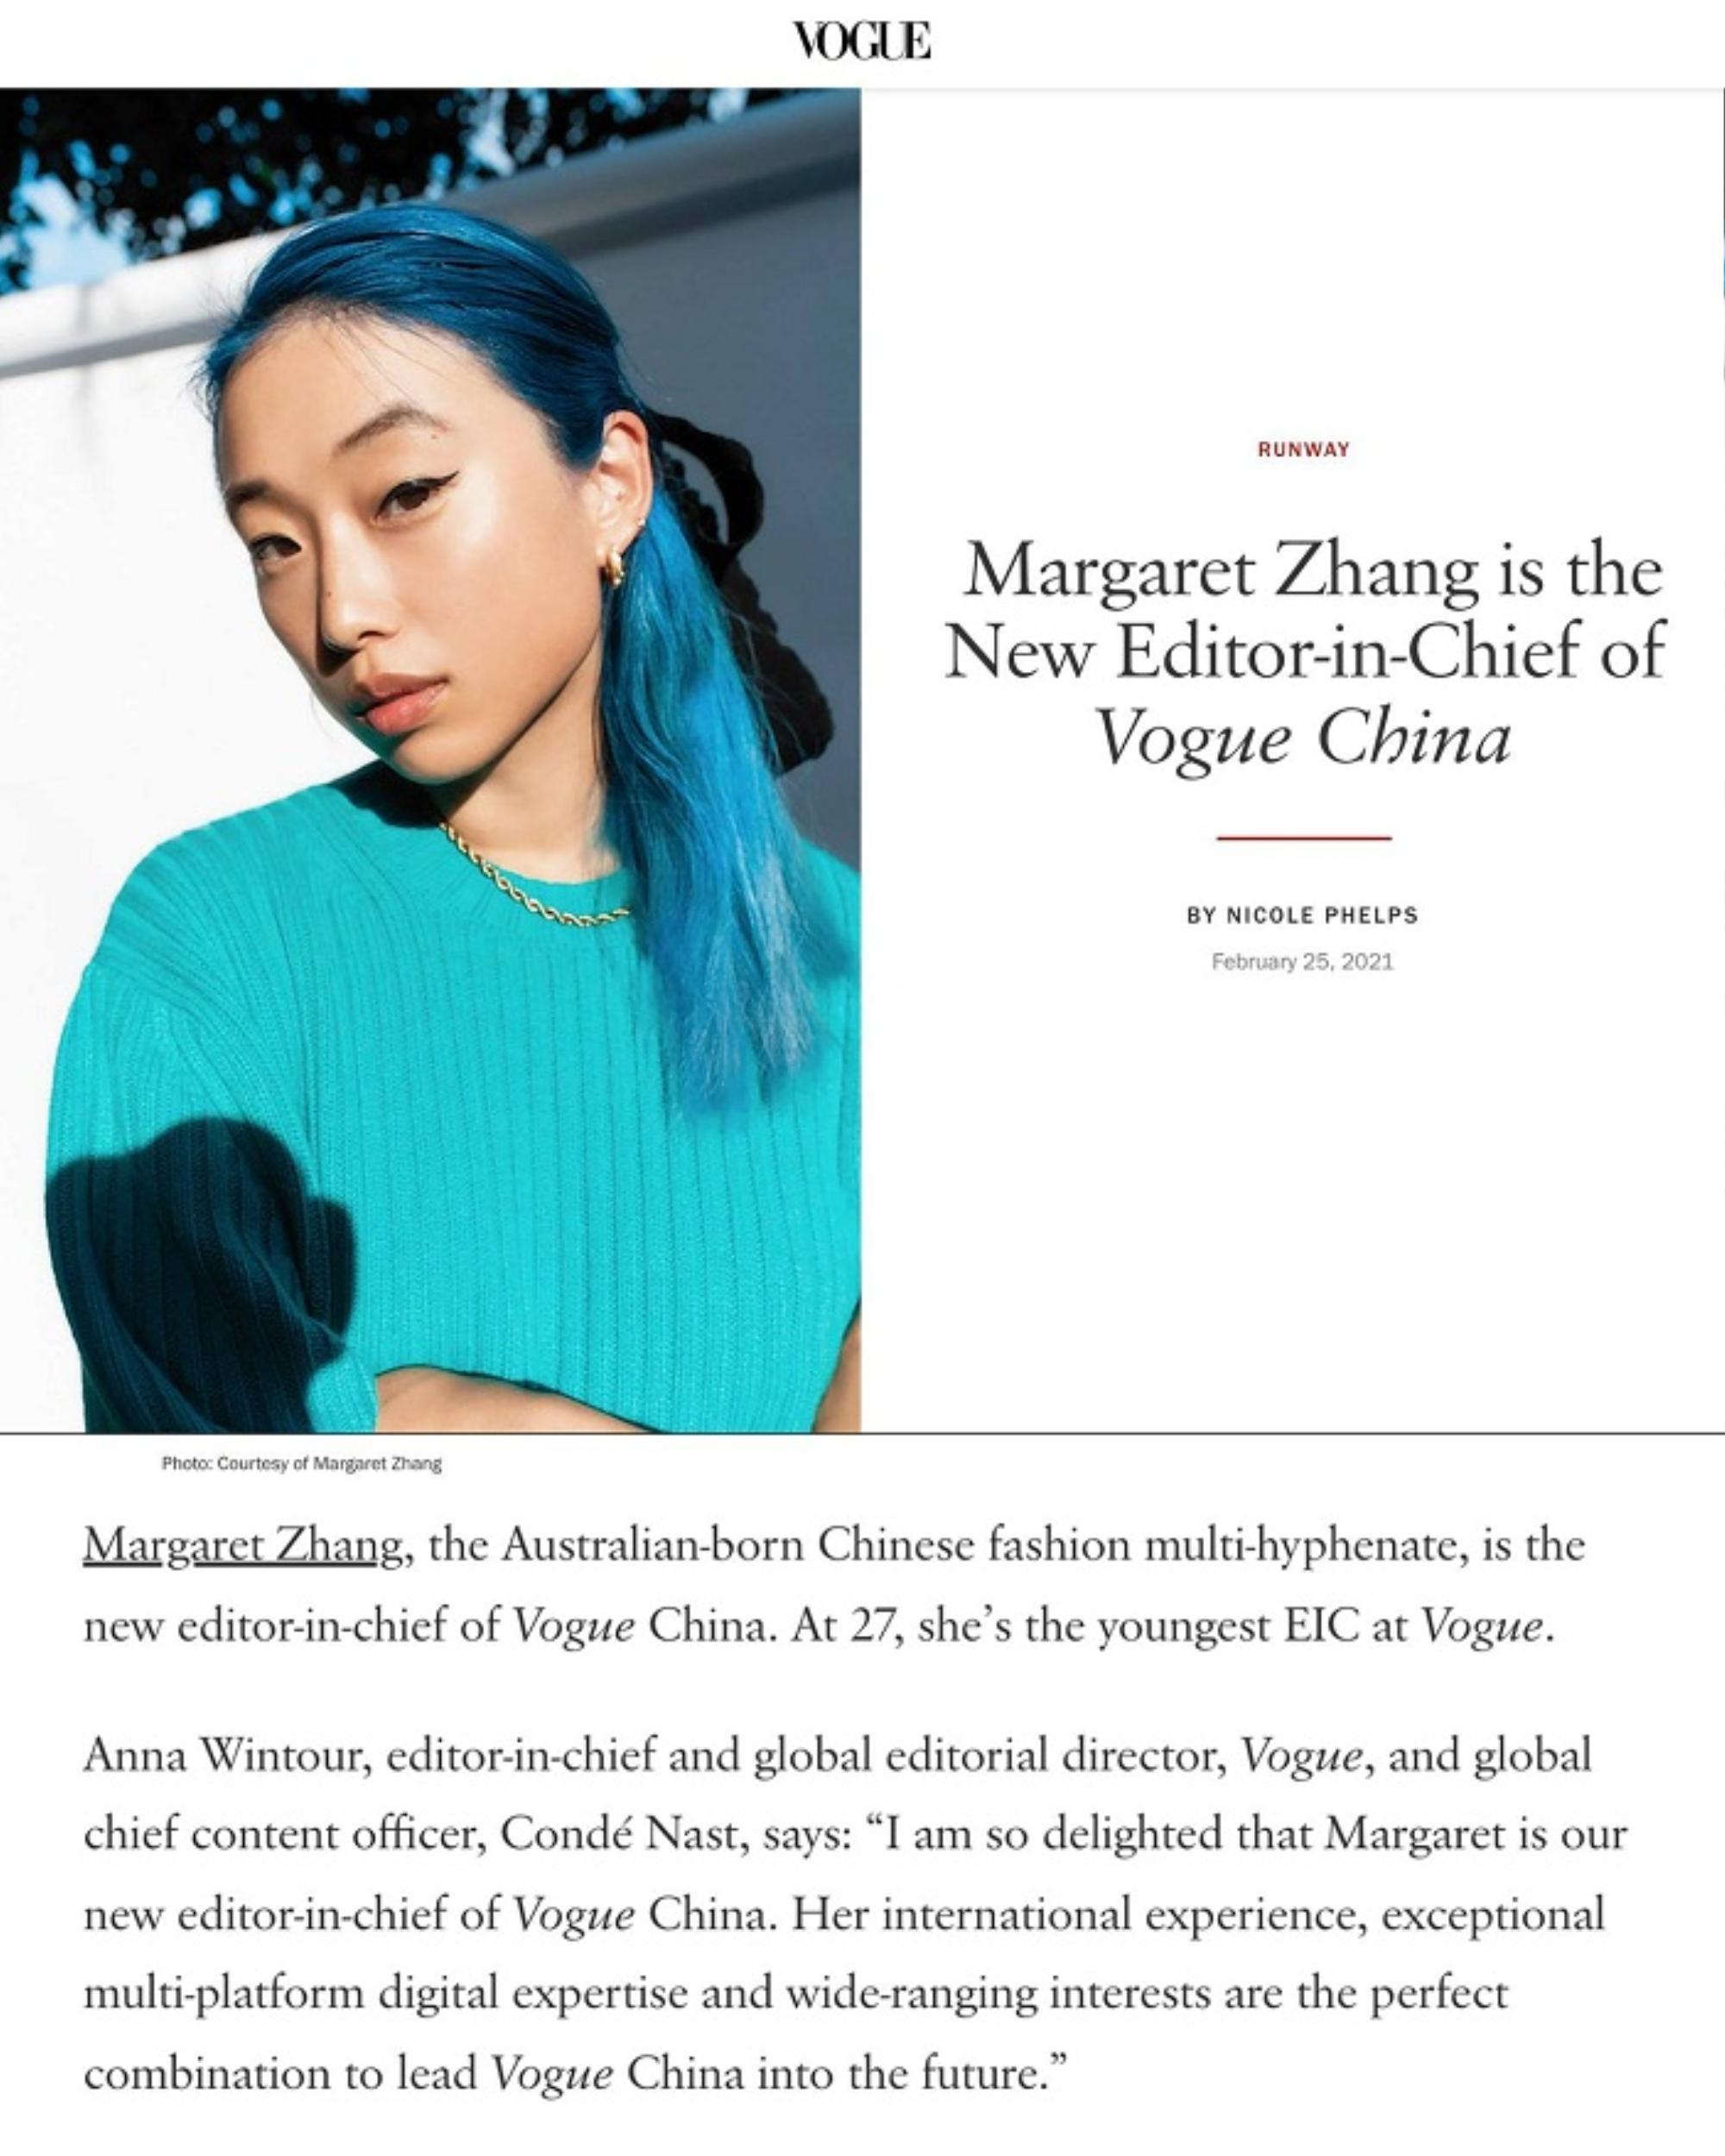 Chân dung Margaret Zhang - Tổng biên tập trẻ tuổi nhất của lịch sử tạp chí Vogue lẫy lừng Ảnh 13